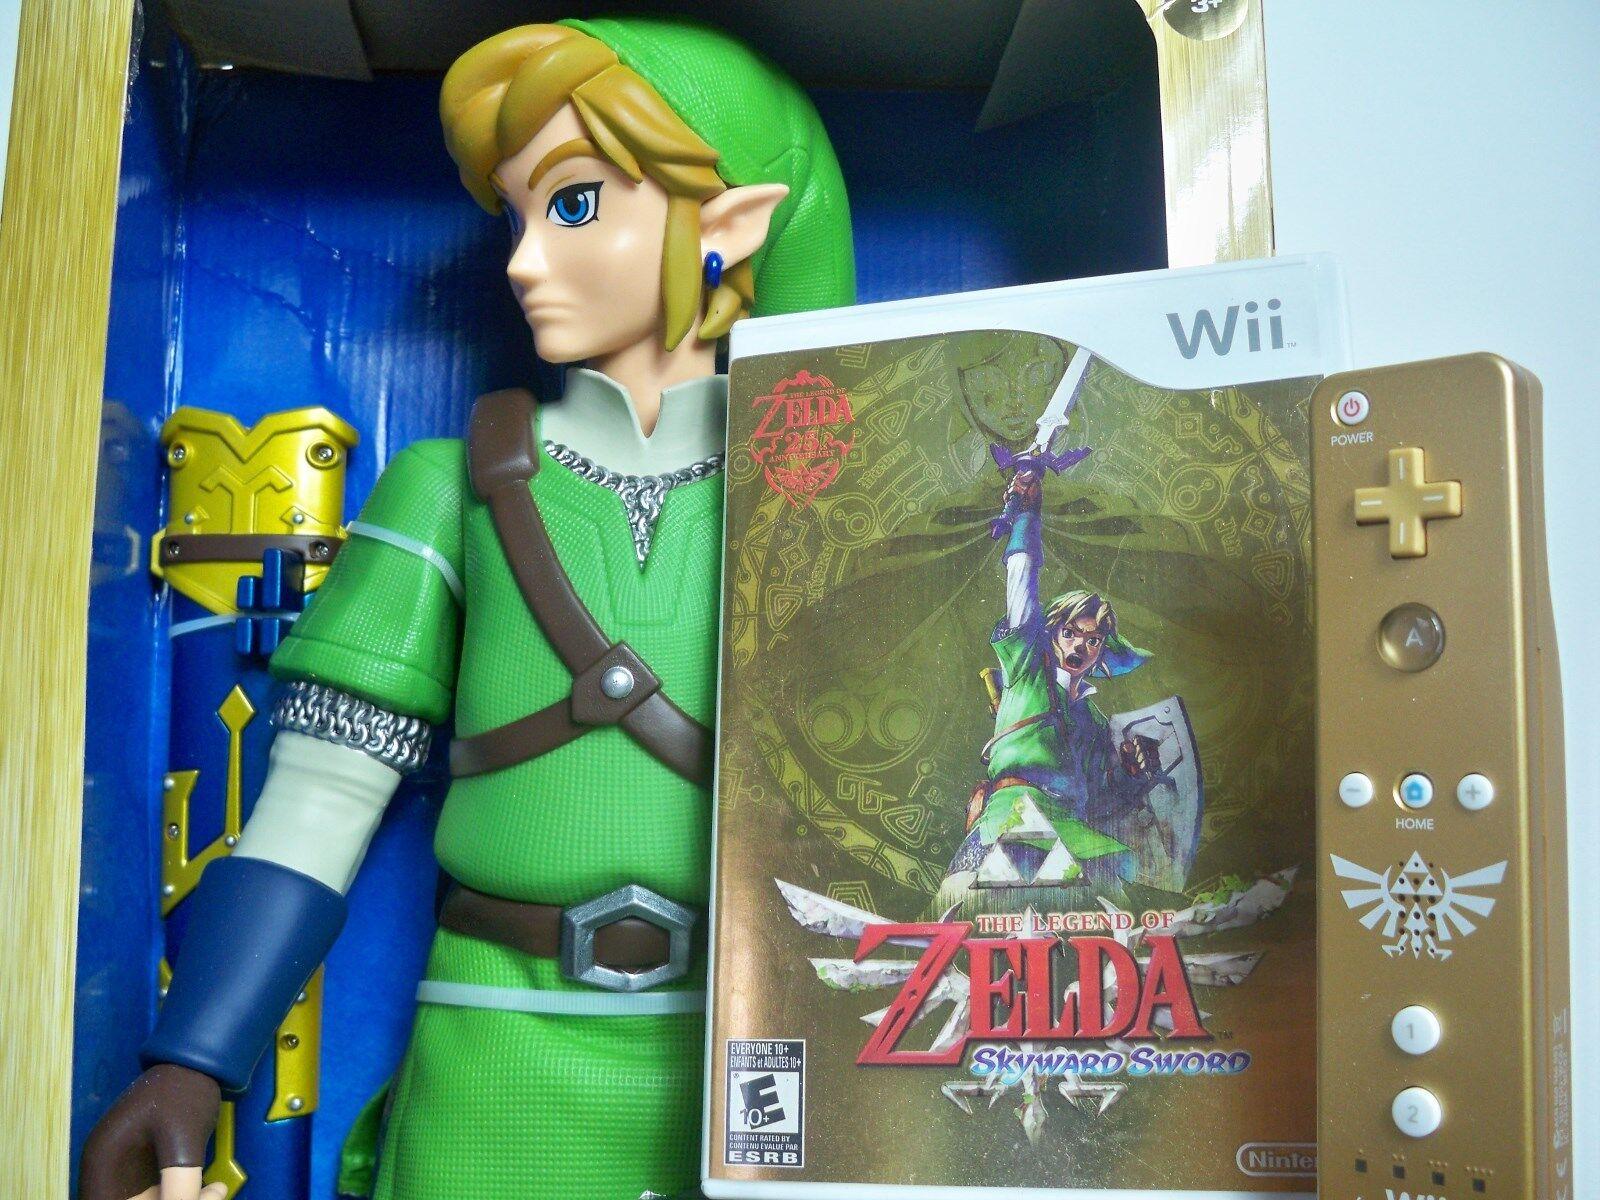 D0580641 Skyward Sword 20  Set Figure Legend of Zelda Wii Game or Remote